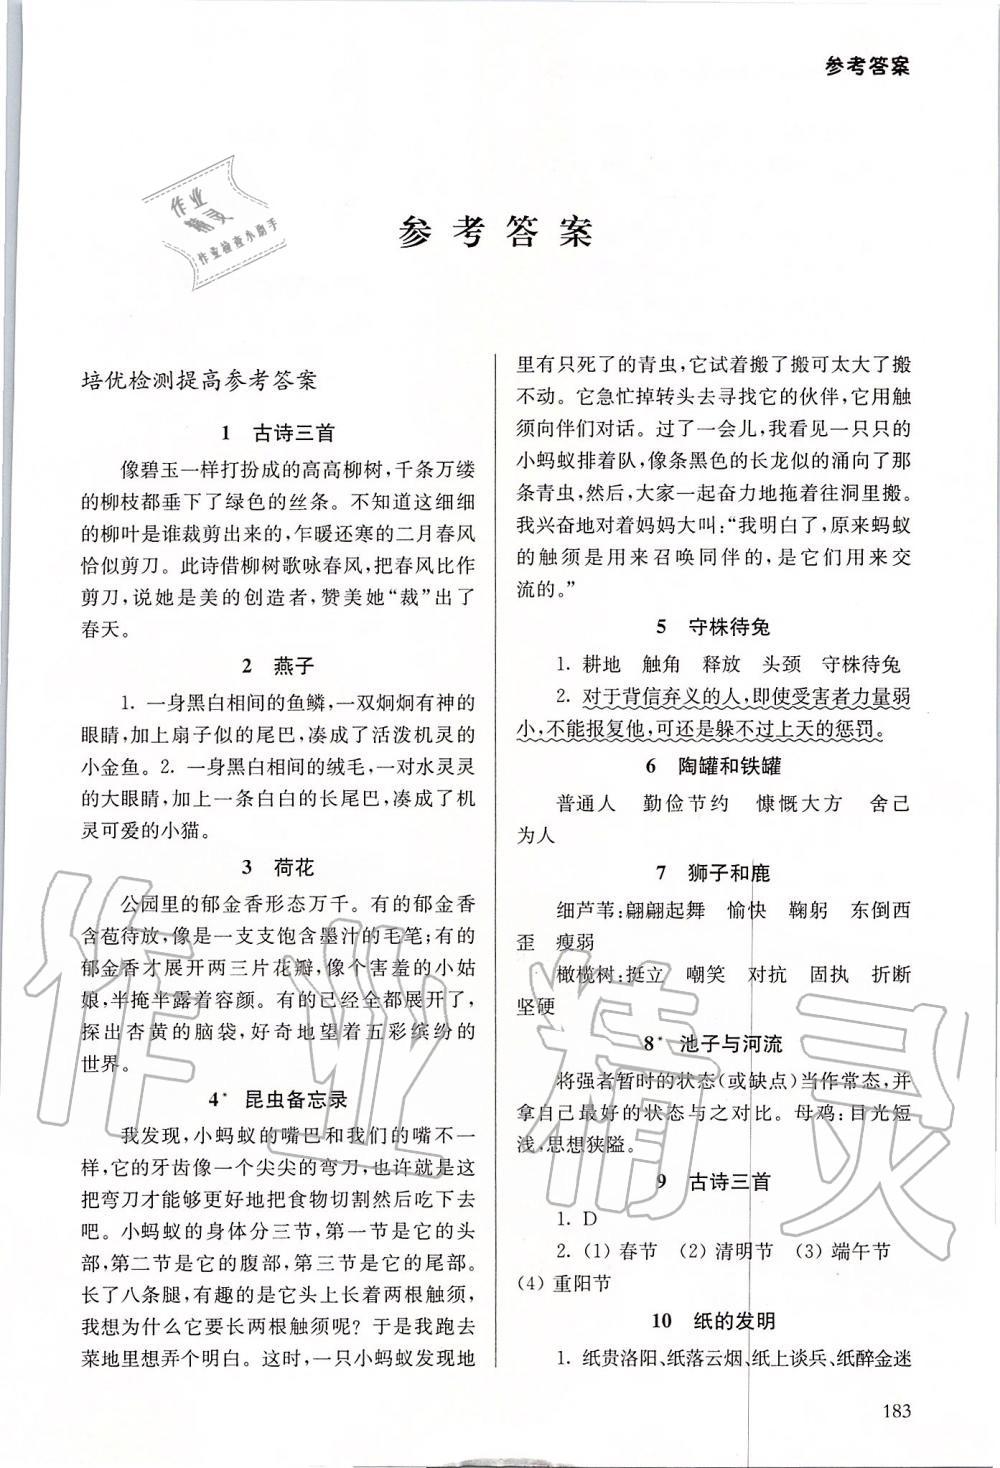 2020年课课通导学练精编三年级语文下册人教版第1页